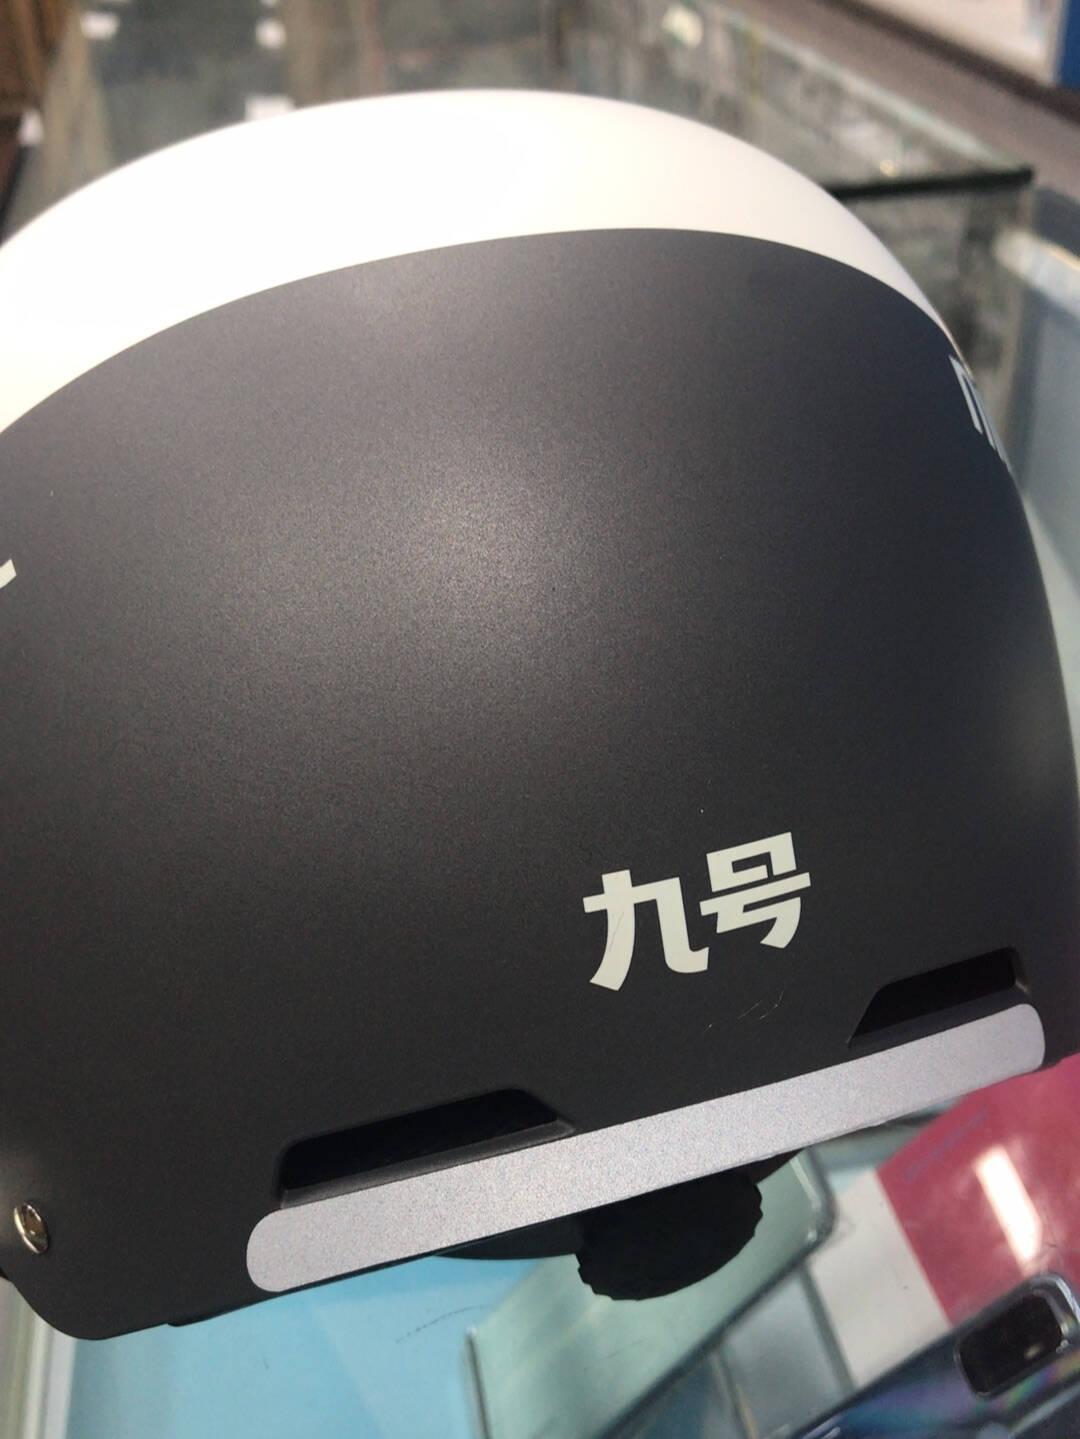 九号(Ninebot)九号电动自行车半盔夏季防晒头盔电动车电瓶车通用透气安全帽白色